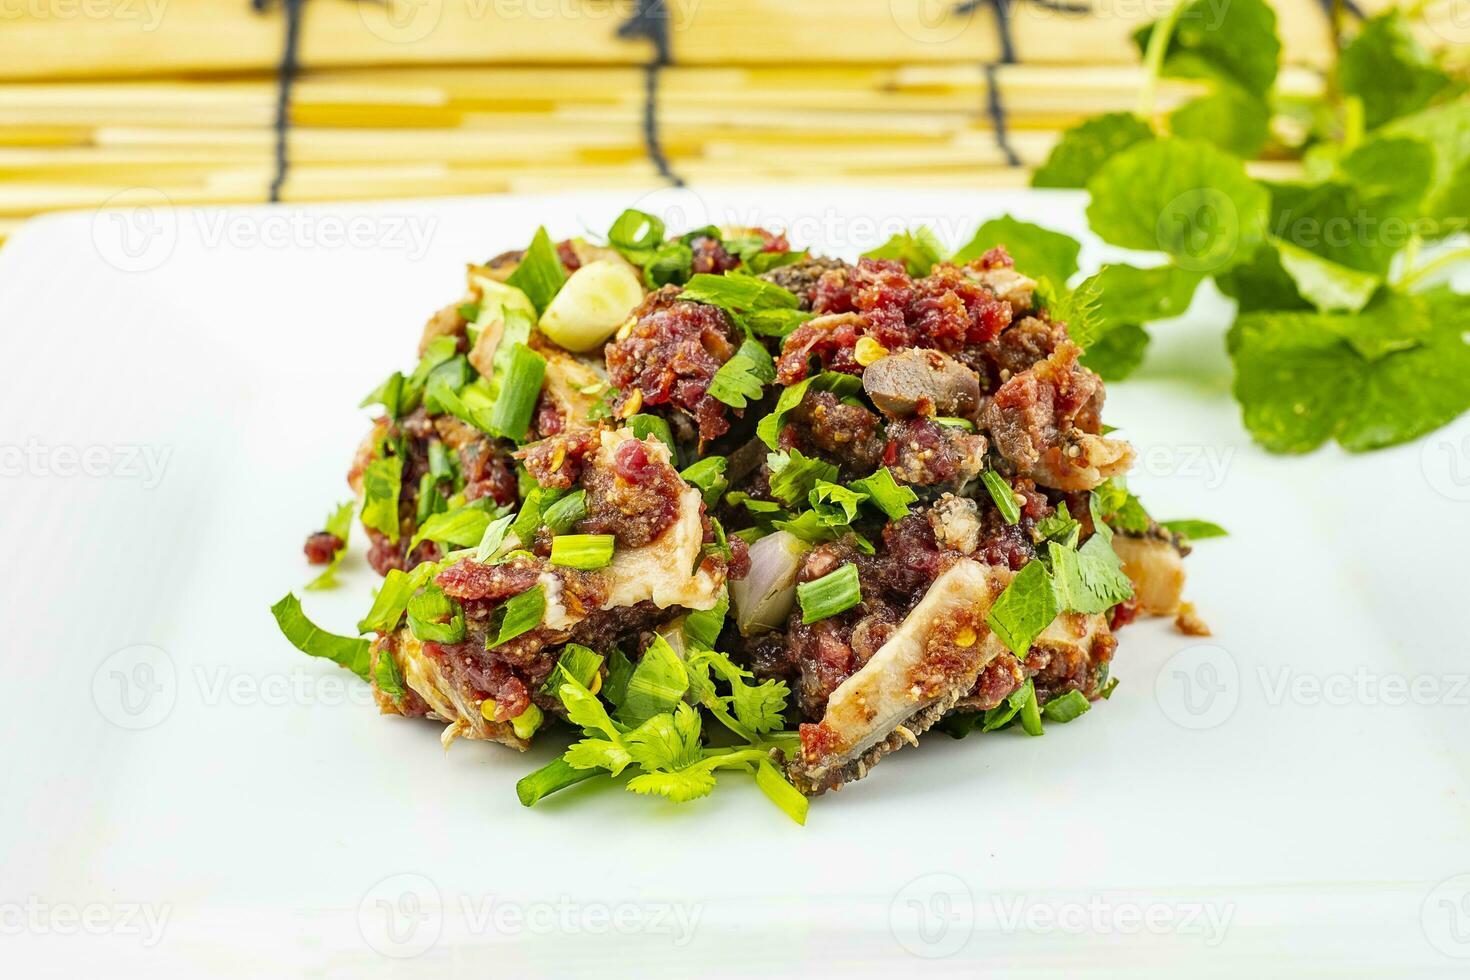 Salade de bœuf haché épicé, larb est une cuisine thaïlandaise traditionnelle photo